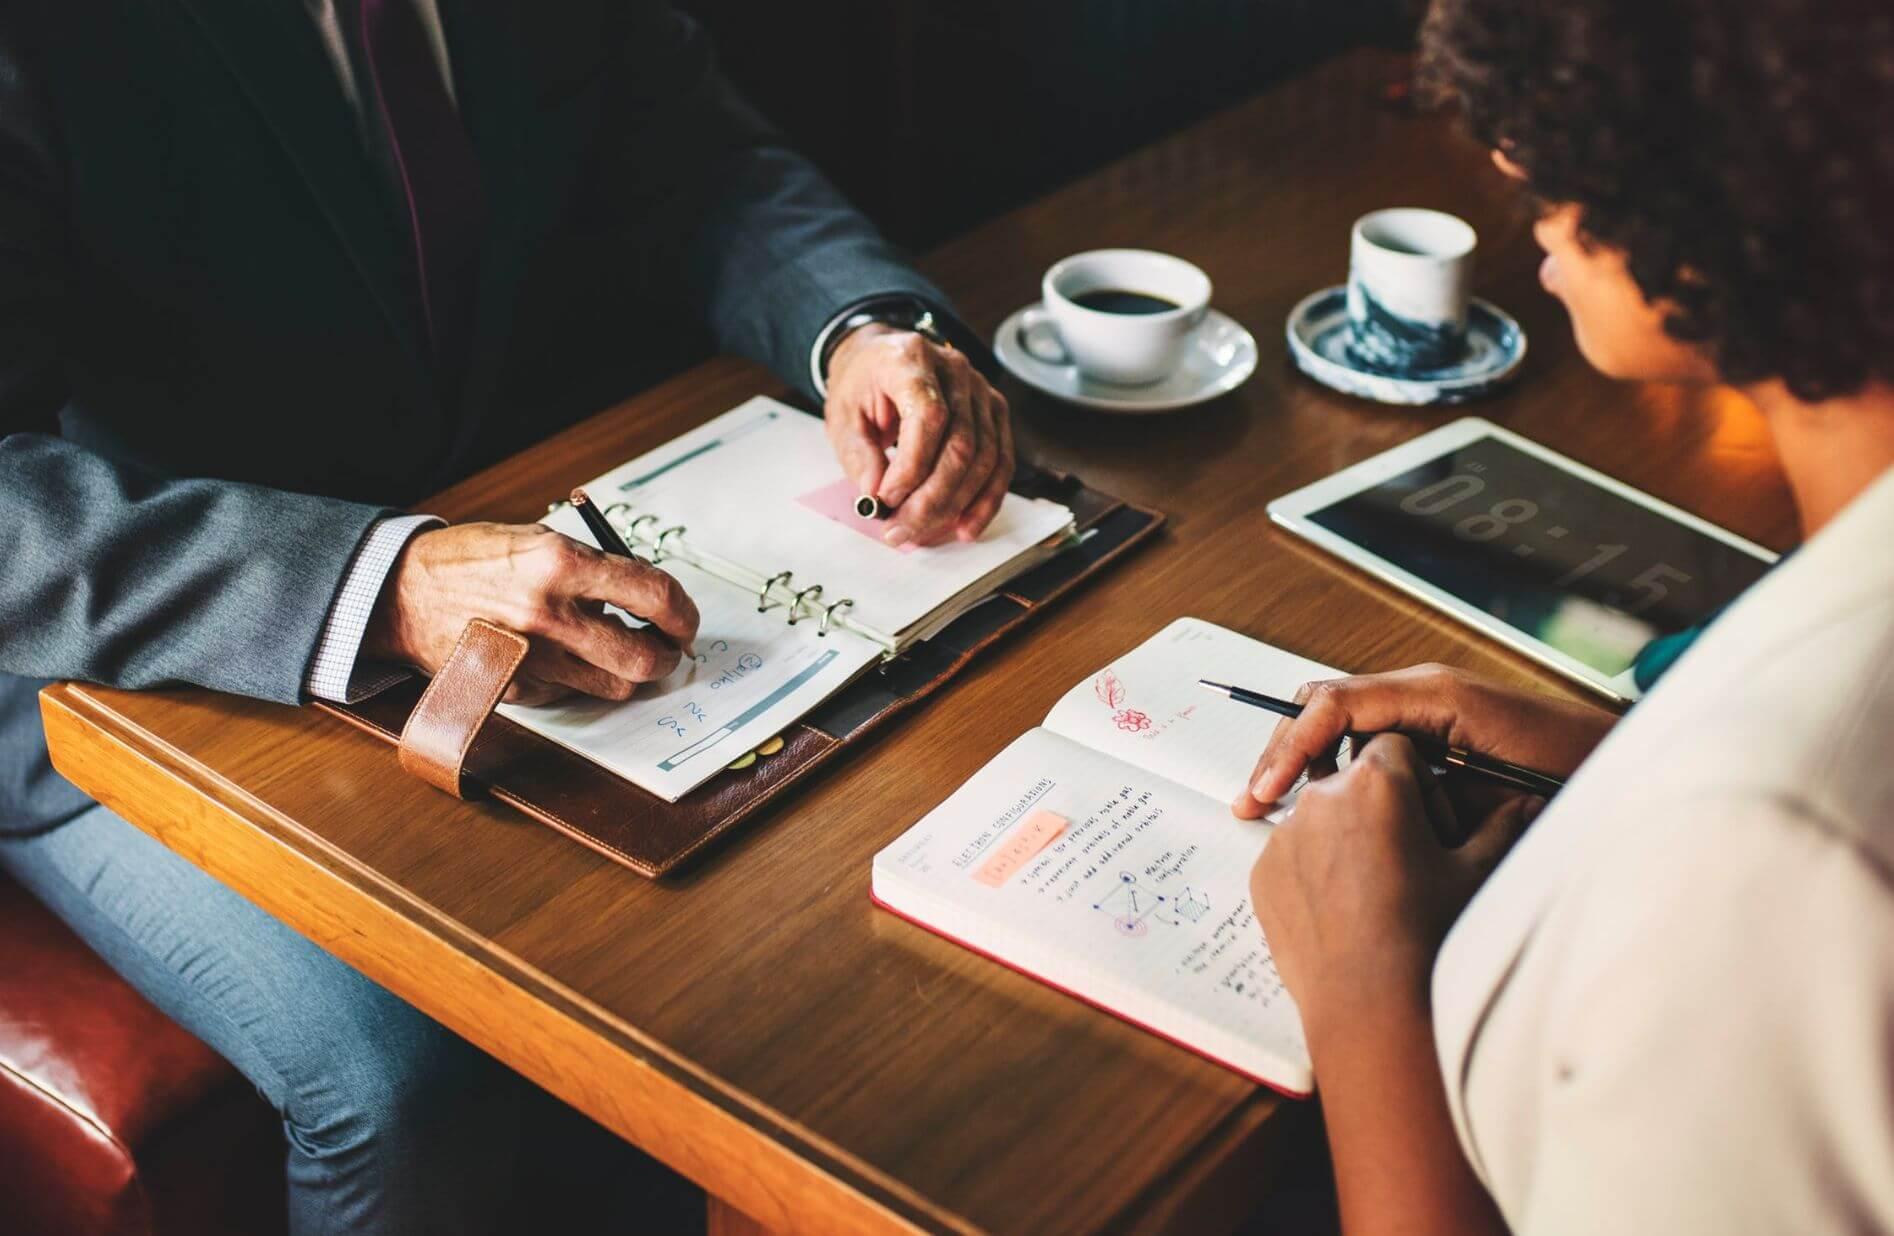 Assistant Jobs Hiring Felons: VAs, Personal, Administrative